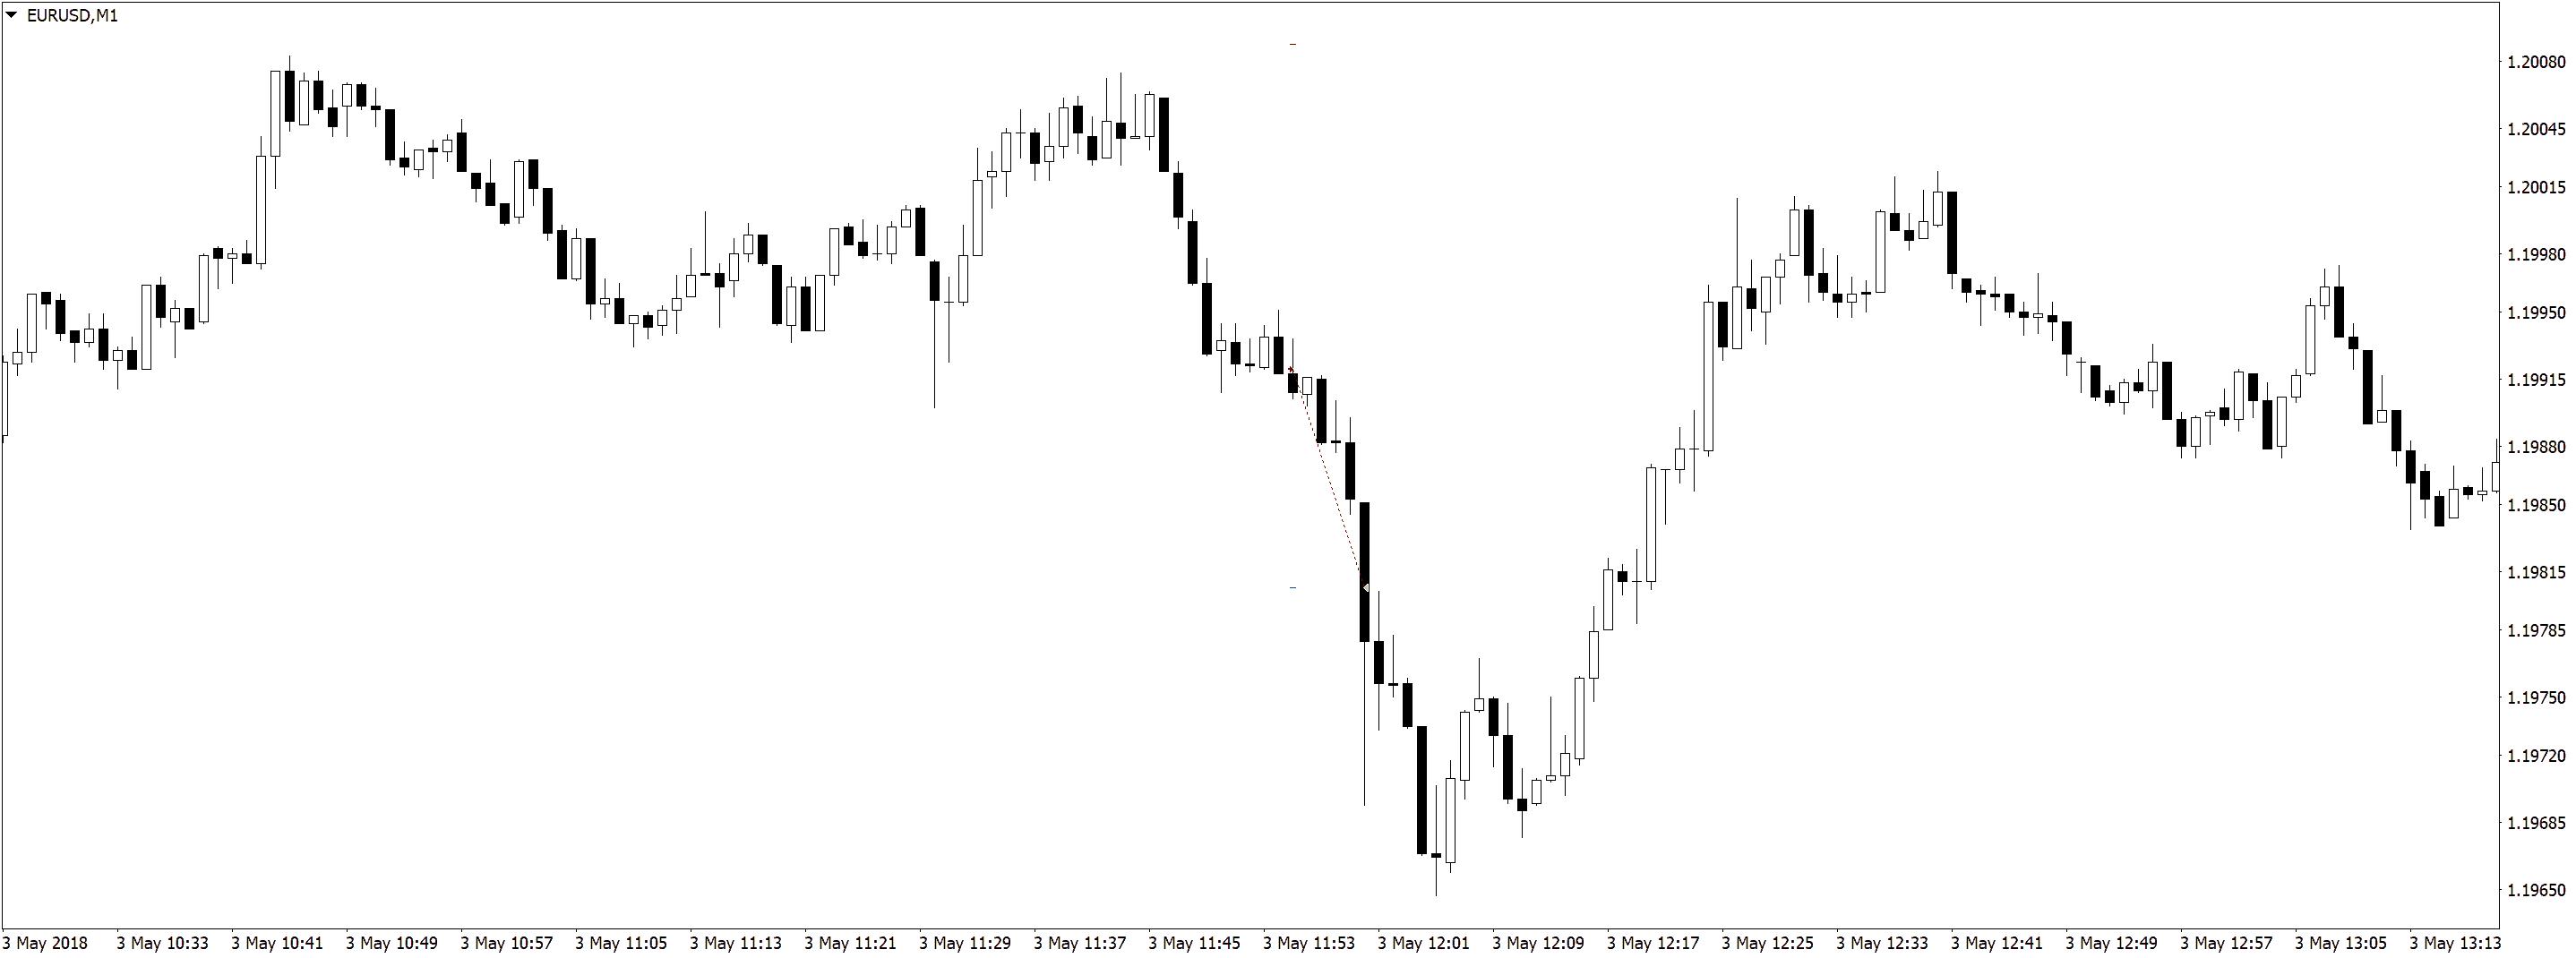 EURUSDM1 Результаты в трейдинге на форекс, разделение депозита, скальпинг